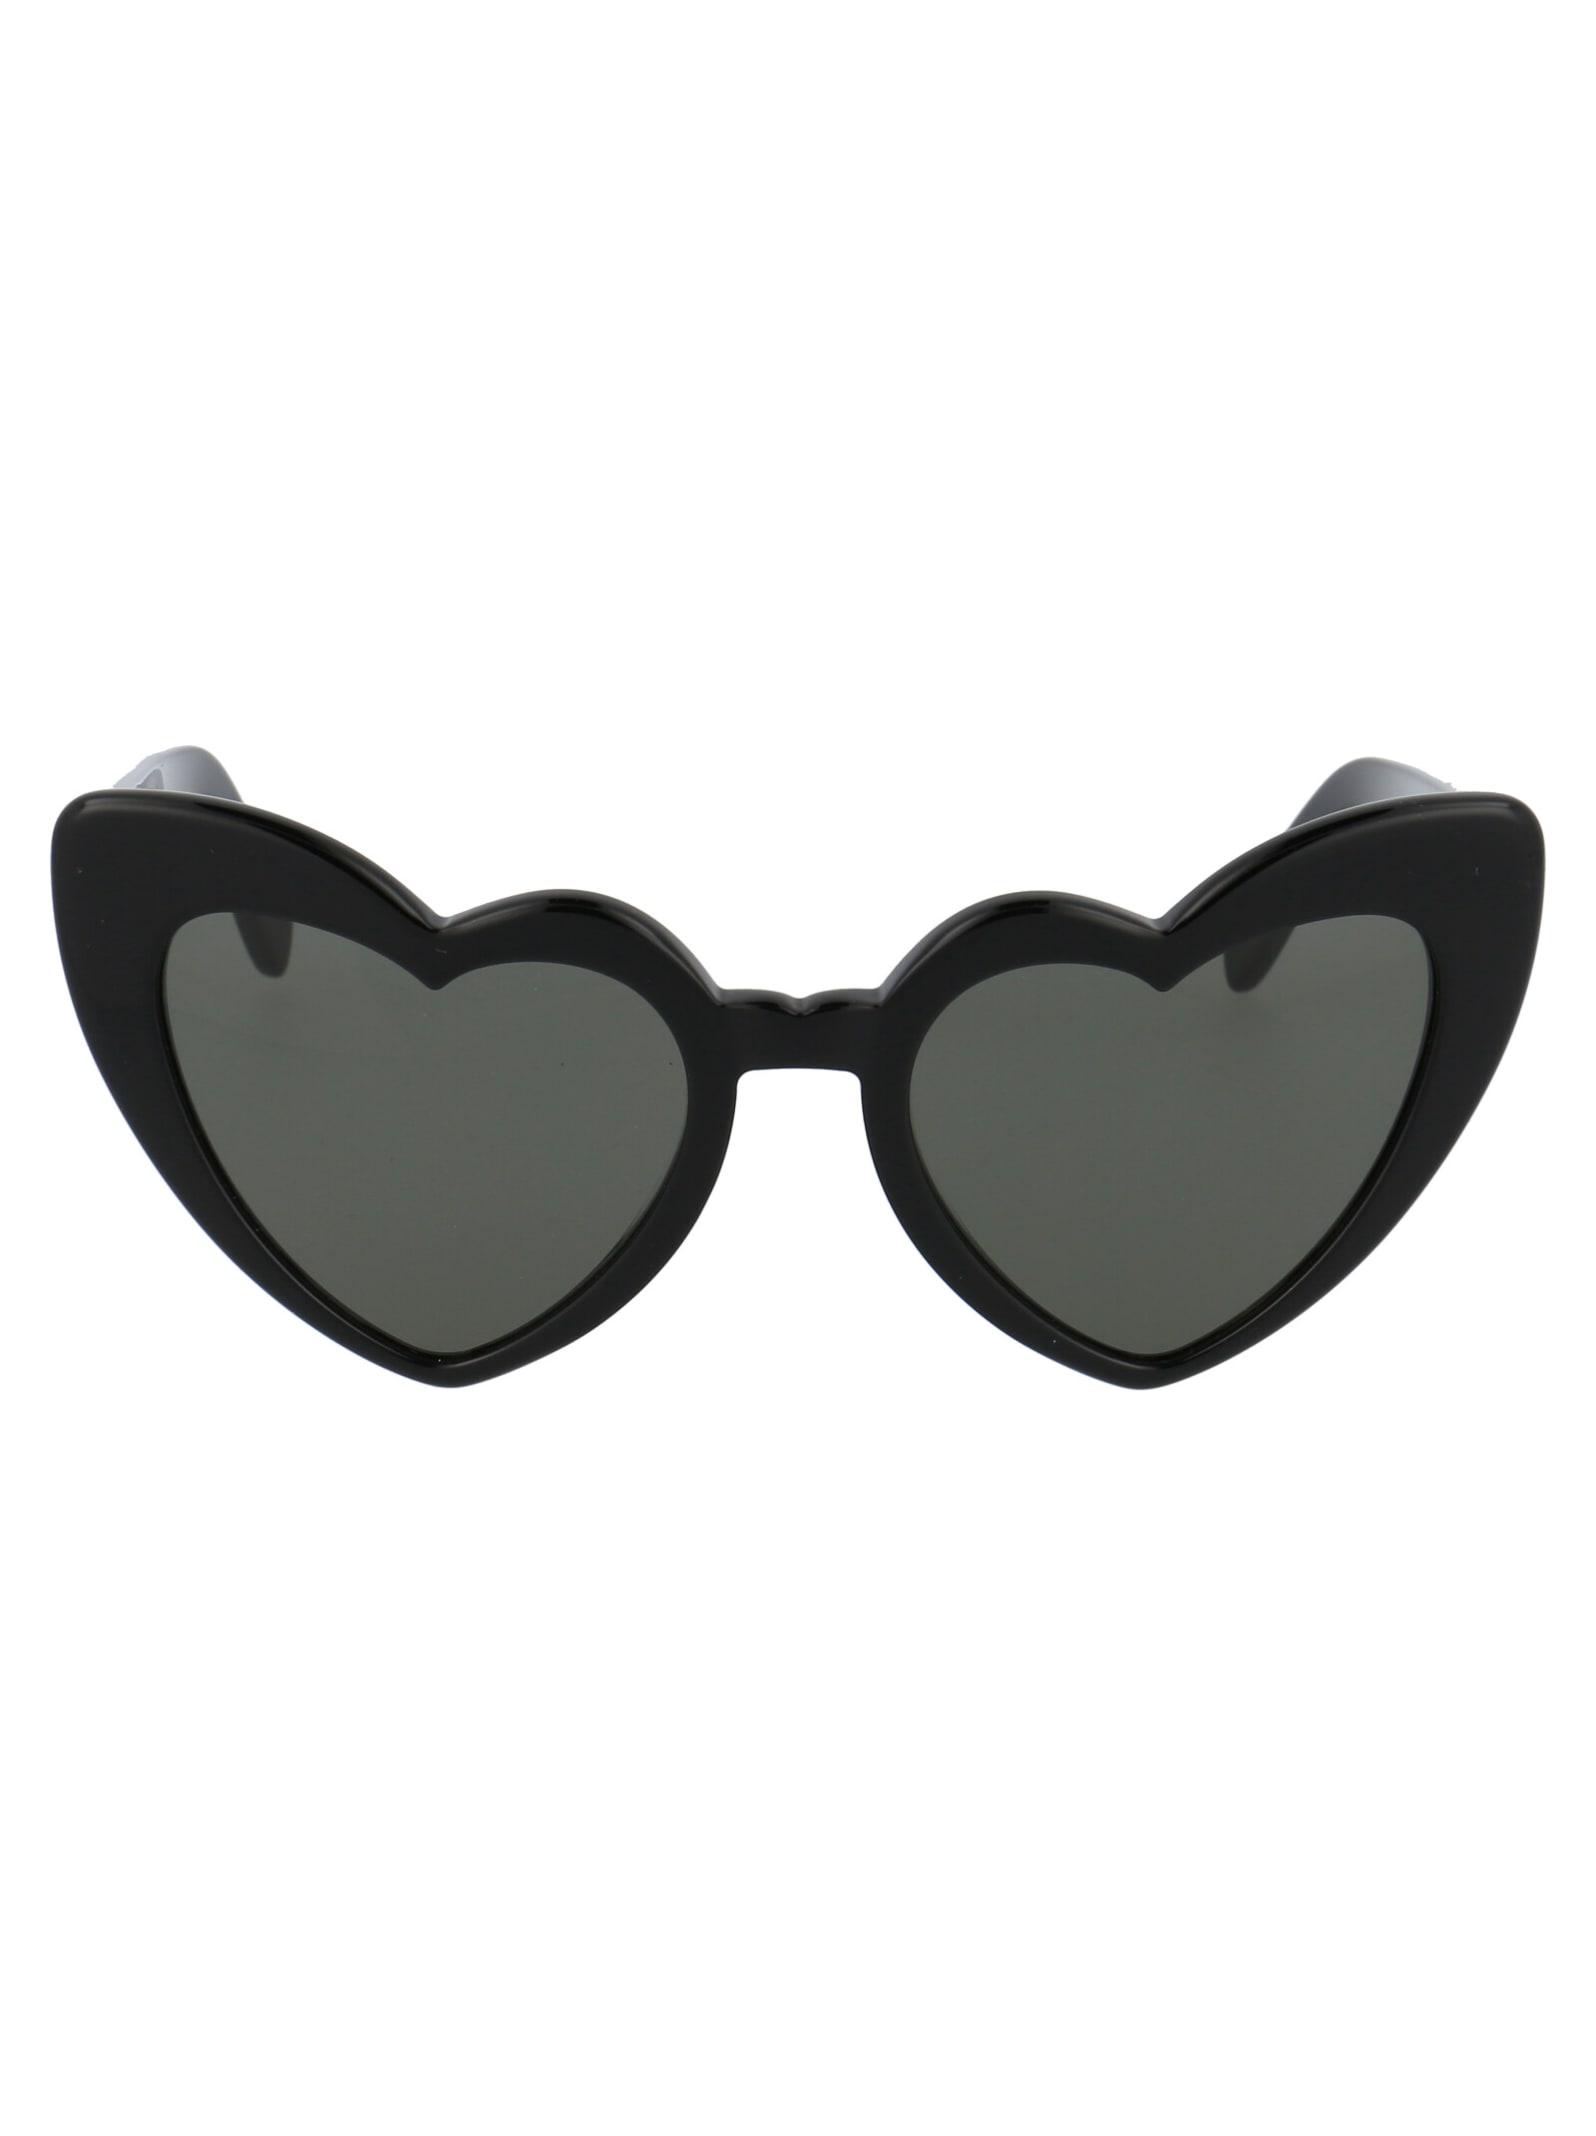 Sl 181 Loulou Sunglasses